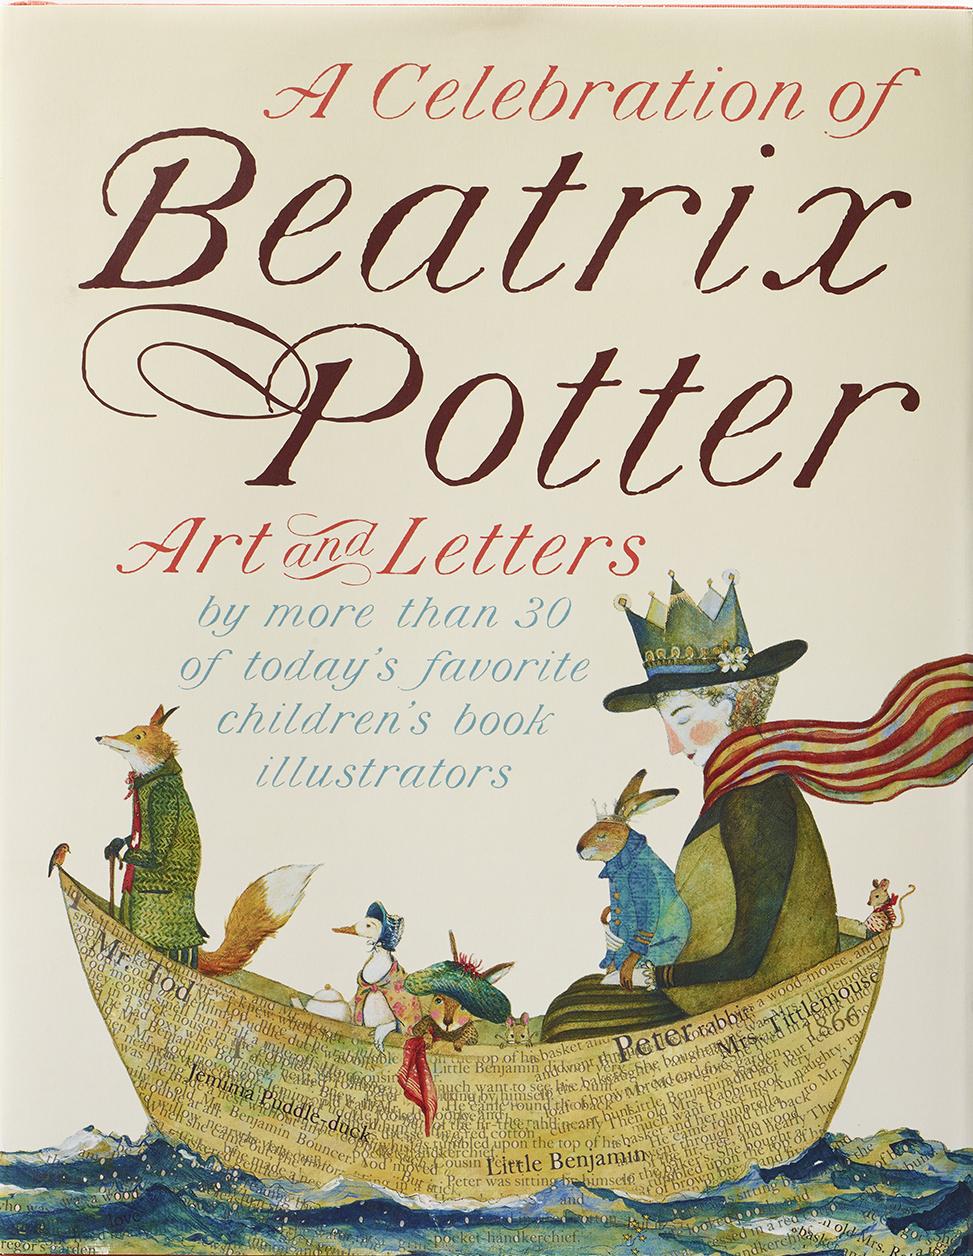 Beatrix Potter Cover.jpg